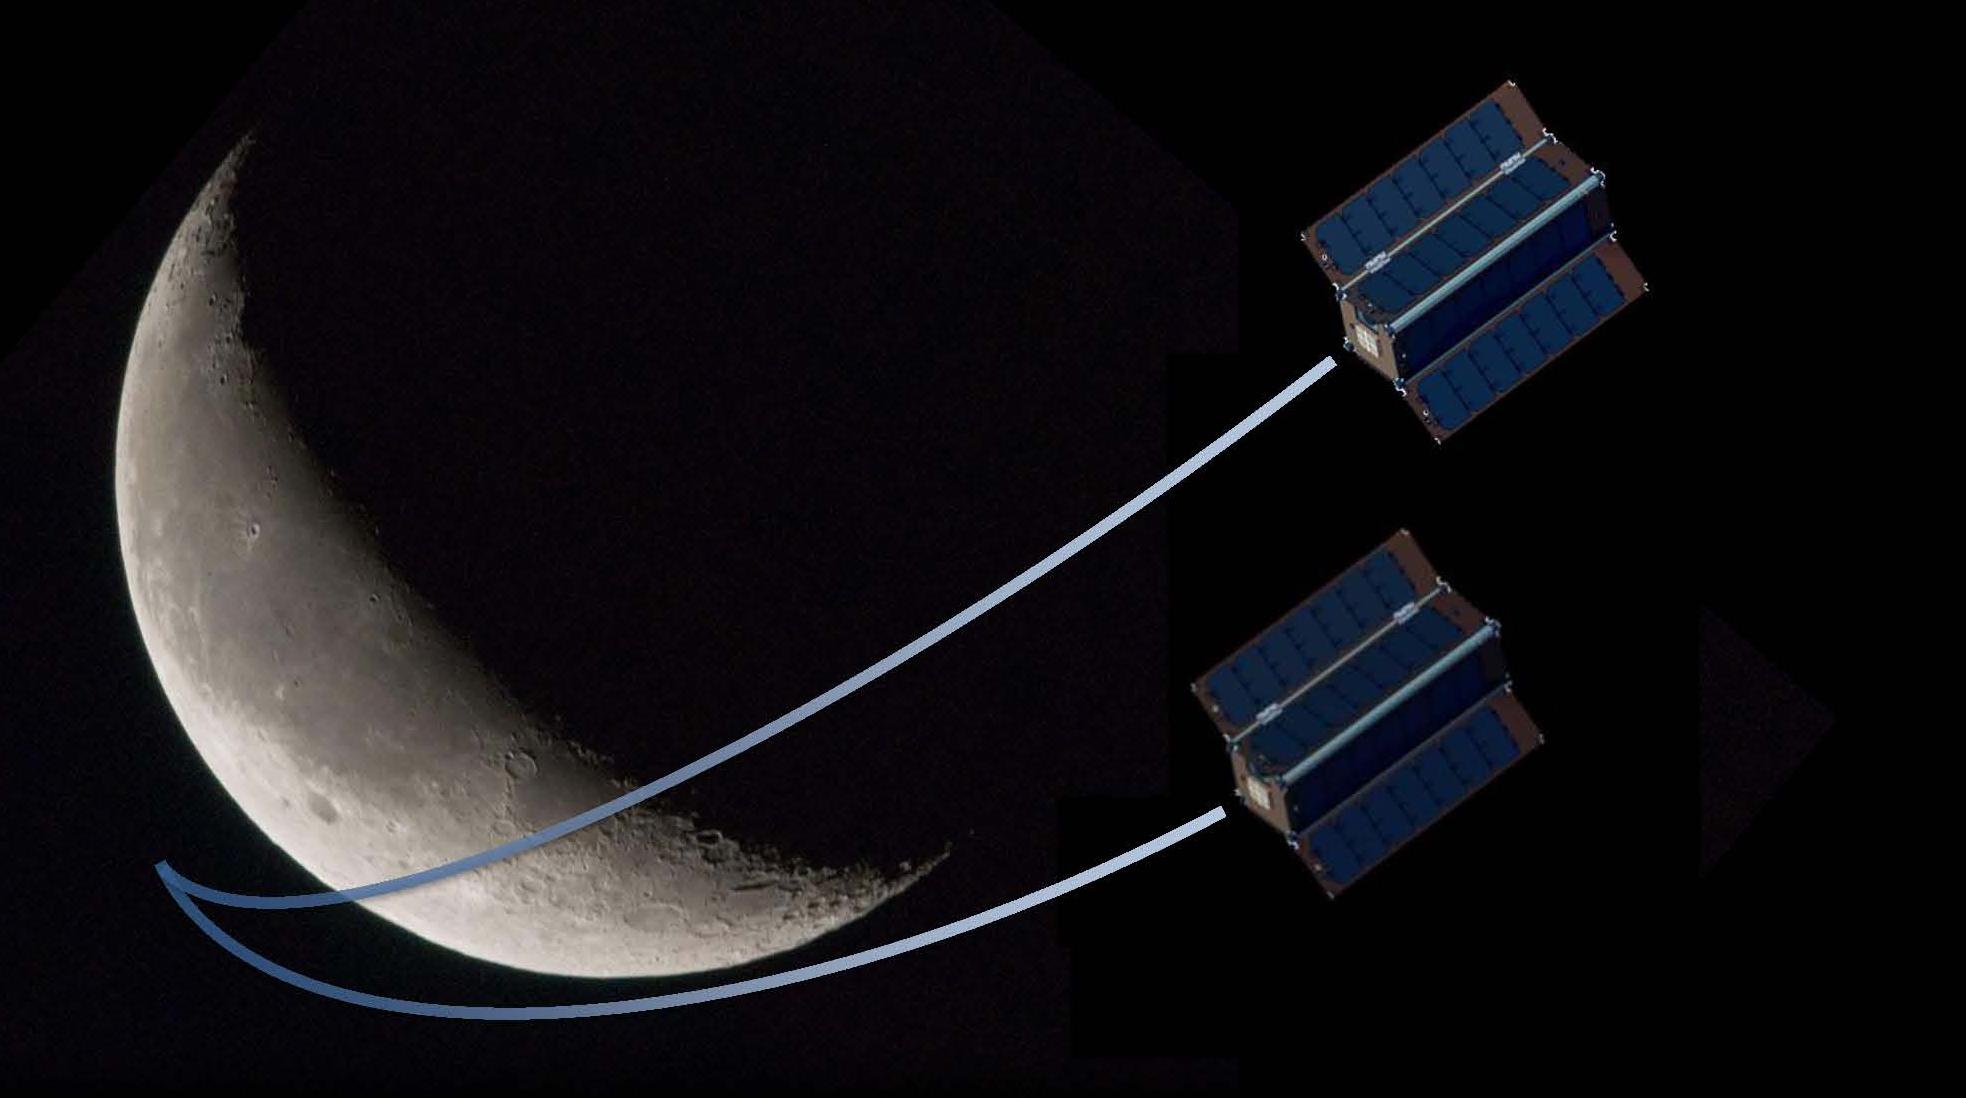 In-orbit propulsion